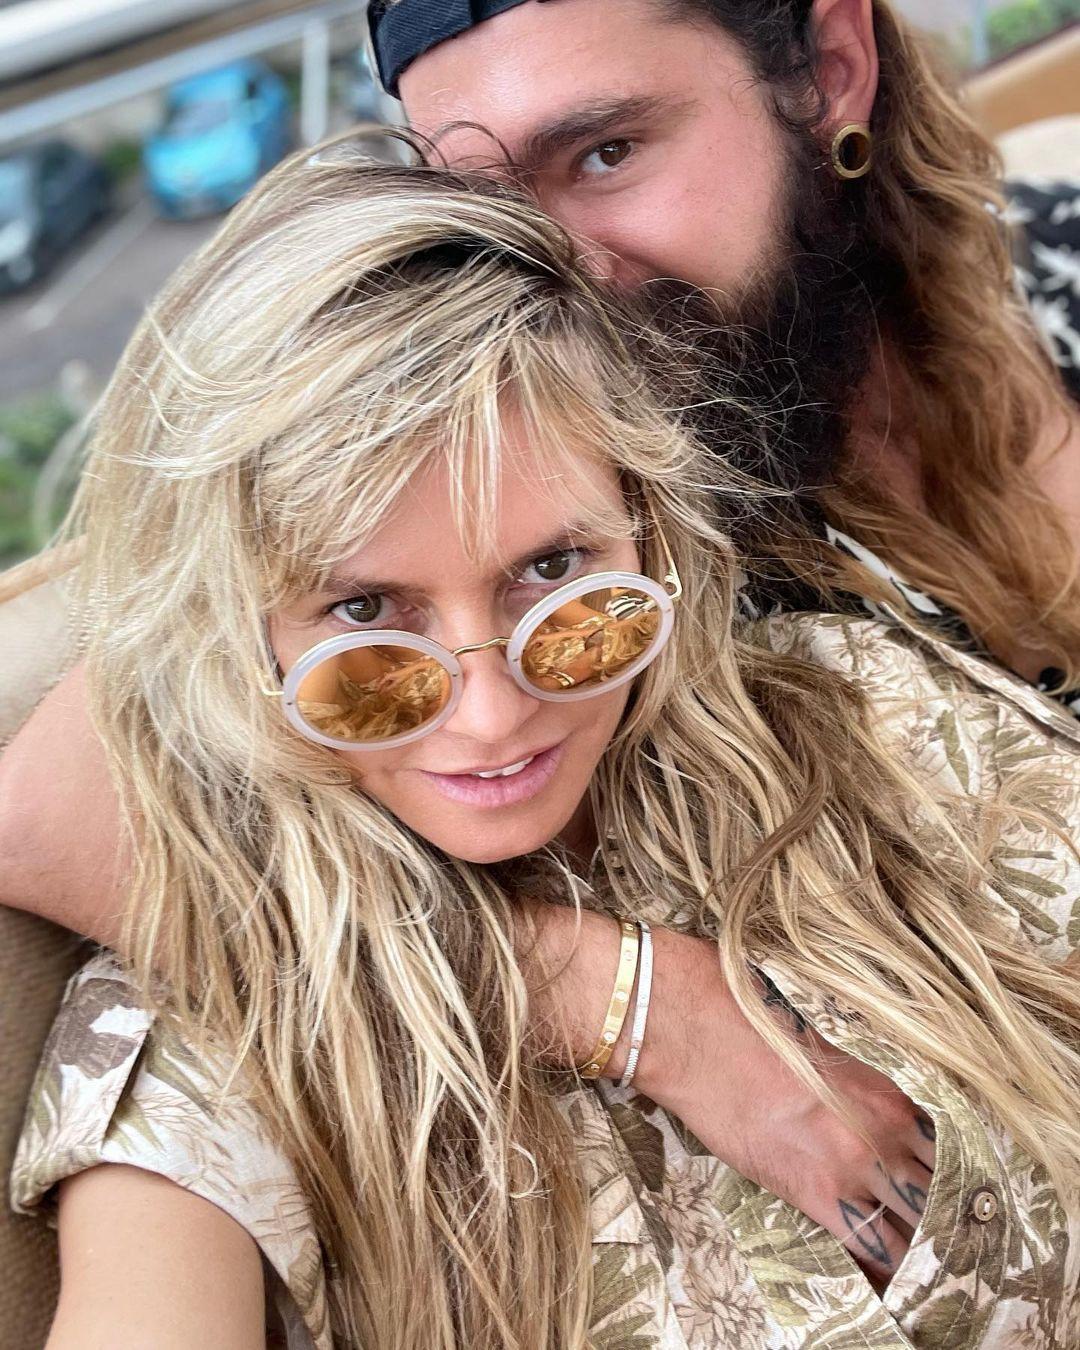 Heidi Klum denize üstsüz girdi! Eşi fotoğraflarını çekti... - Sayfa 1